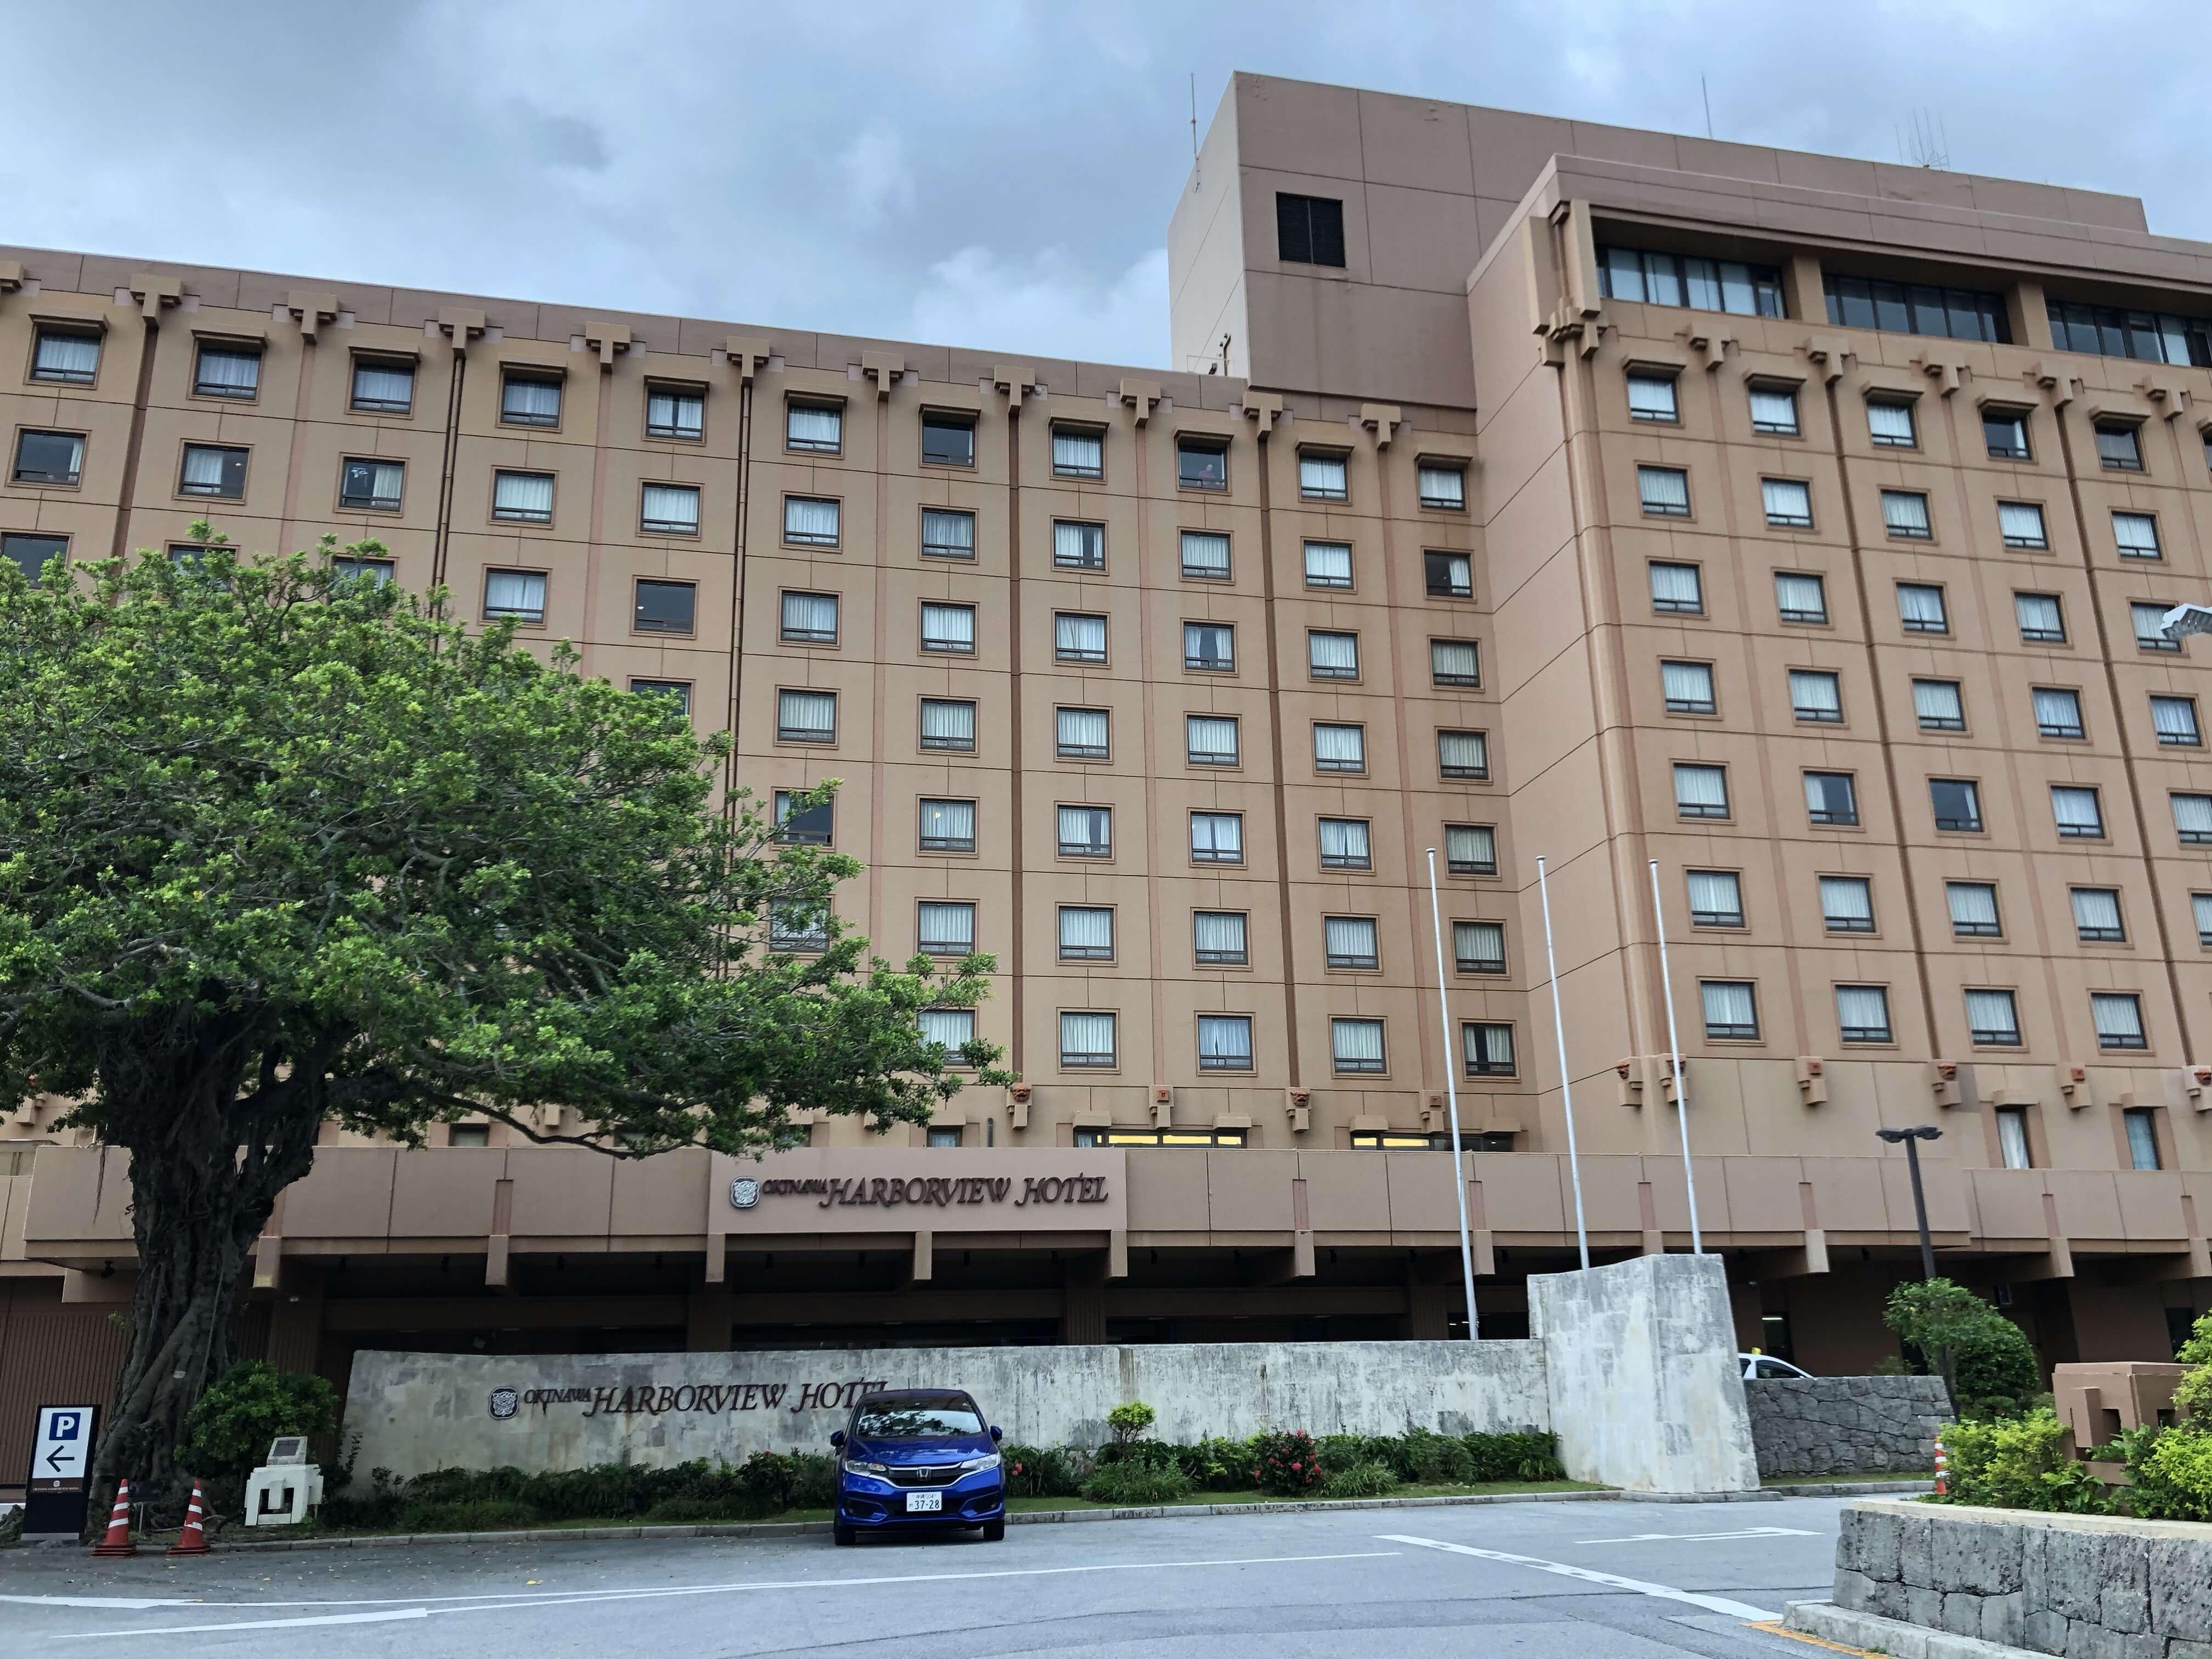 ハーバー ビュー ホテル 沖縄 ホテルマンがコロナ対策を守らないホテル